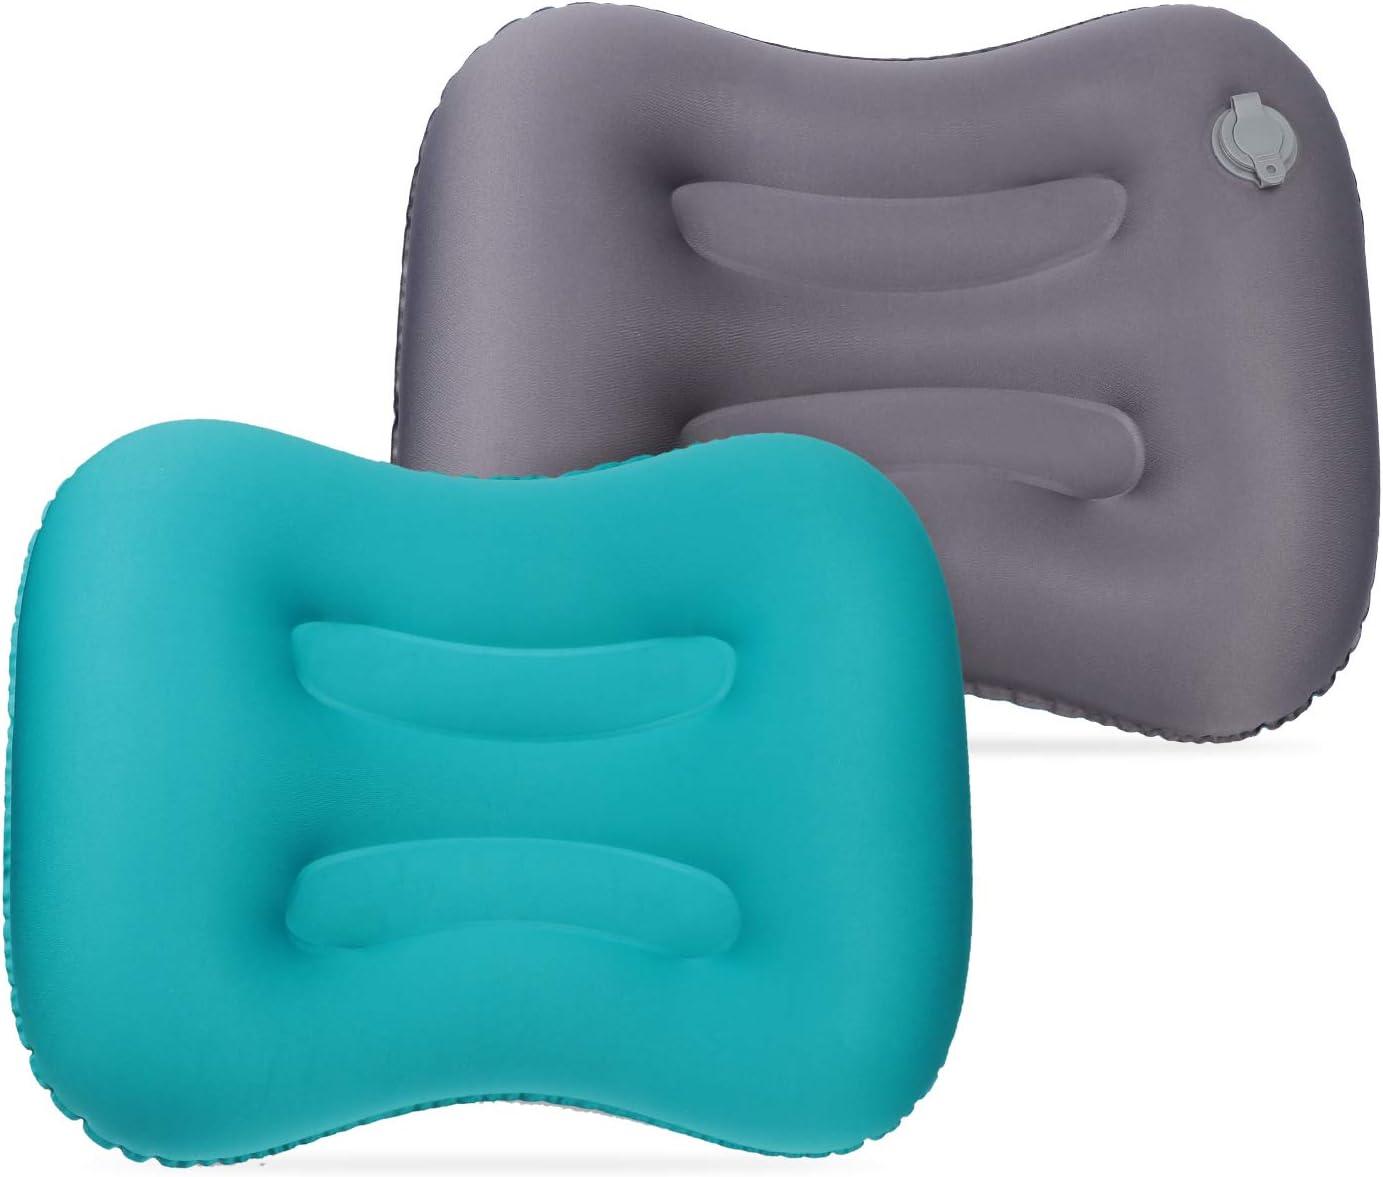 TsunNee Almohada Inflable para Camping Soporte Lumbar para el Cuello para mochileros Senderismo Coche Oficina c/ómoda y Plegable Playa Paquete de 2 Almohada de Viaje Ultraligera avi/ón